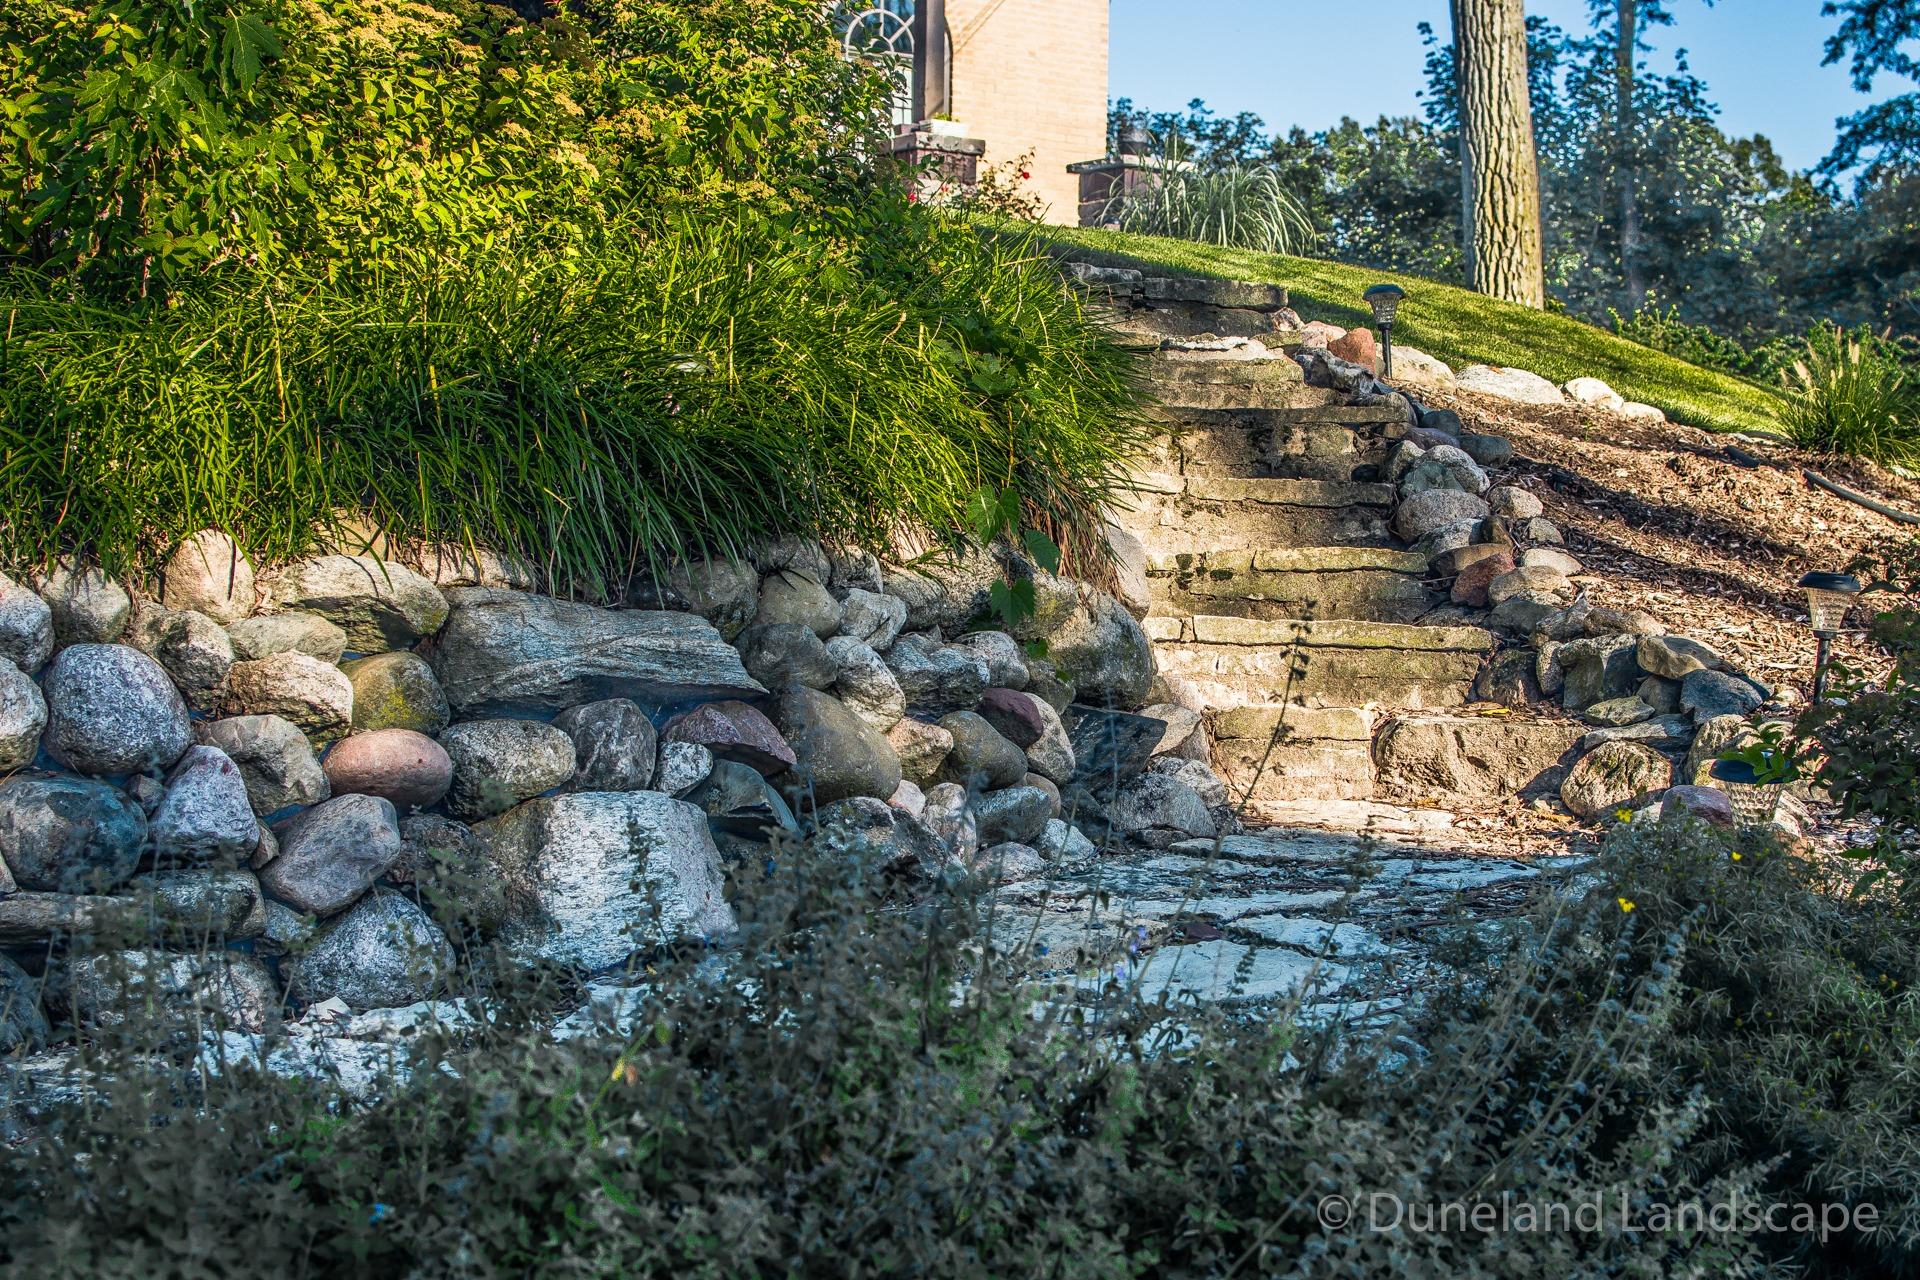 rocks in landscape design